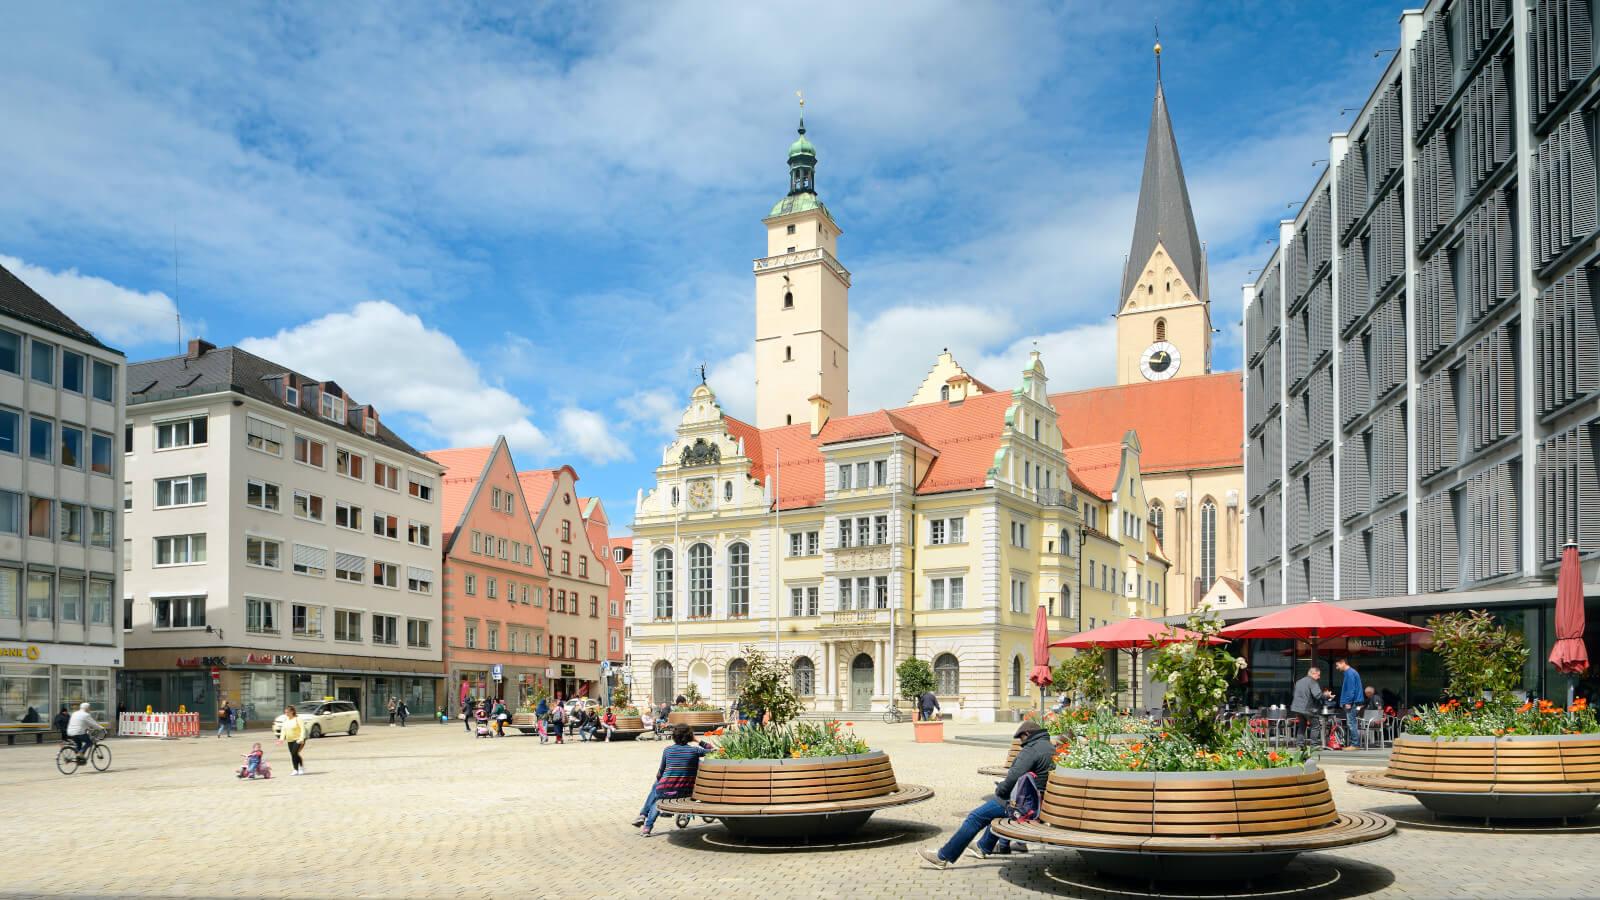 Traditionsreich und modern Besuchen Sie Ingolstadt   Germany Travel